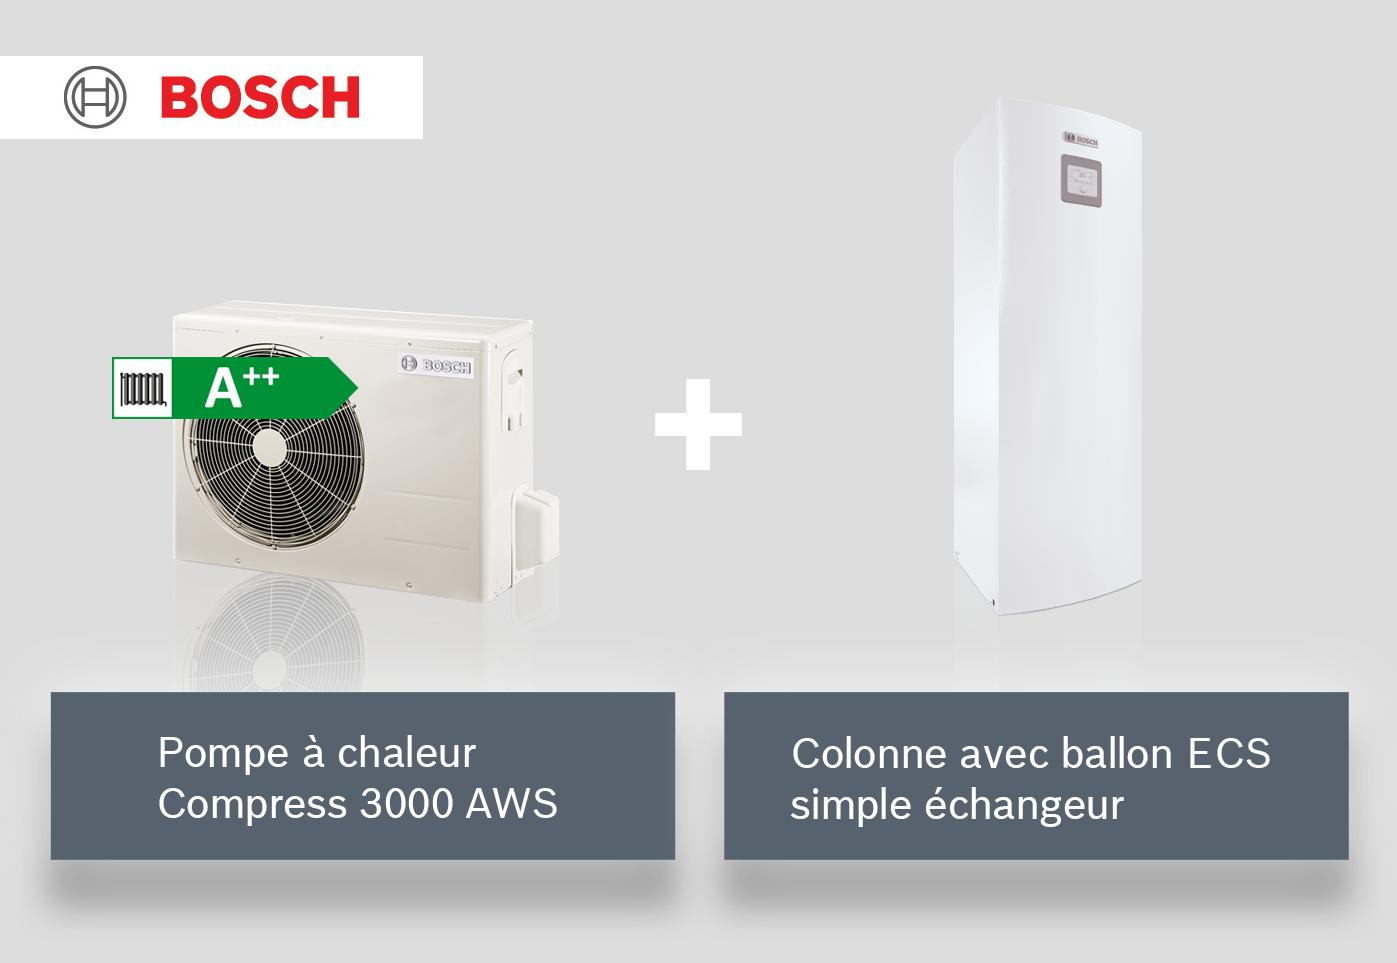 3000 AWS+ ballon ECS simple échangeur